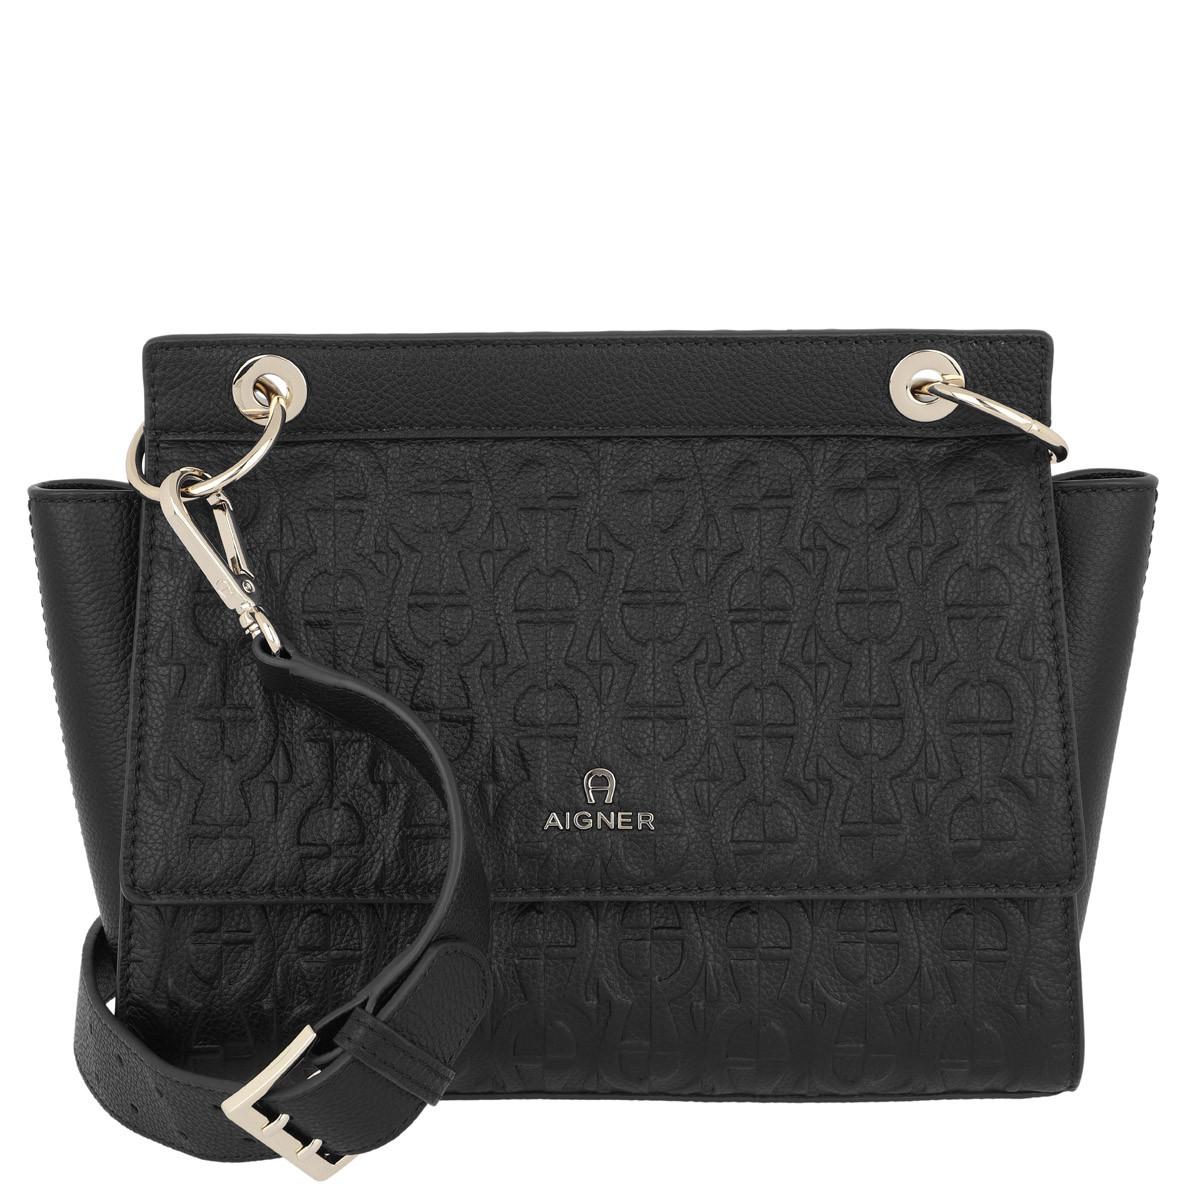 Aigner Umhängetasche - Mini Bag Carol Black - in schwarz - für Damen